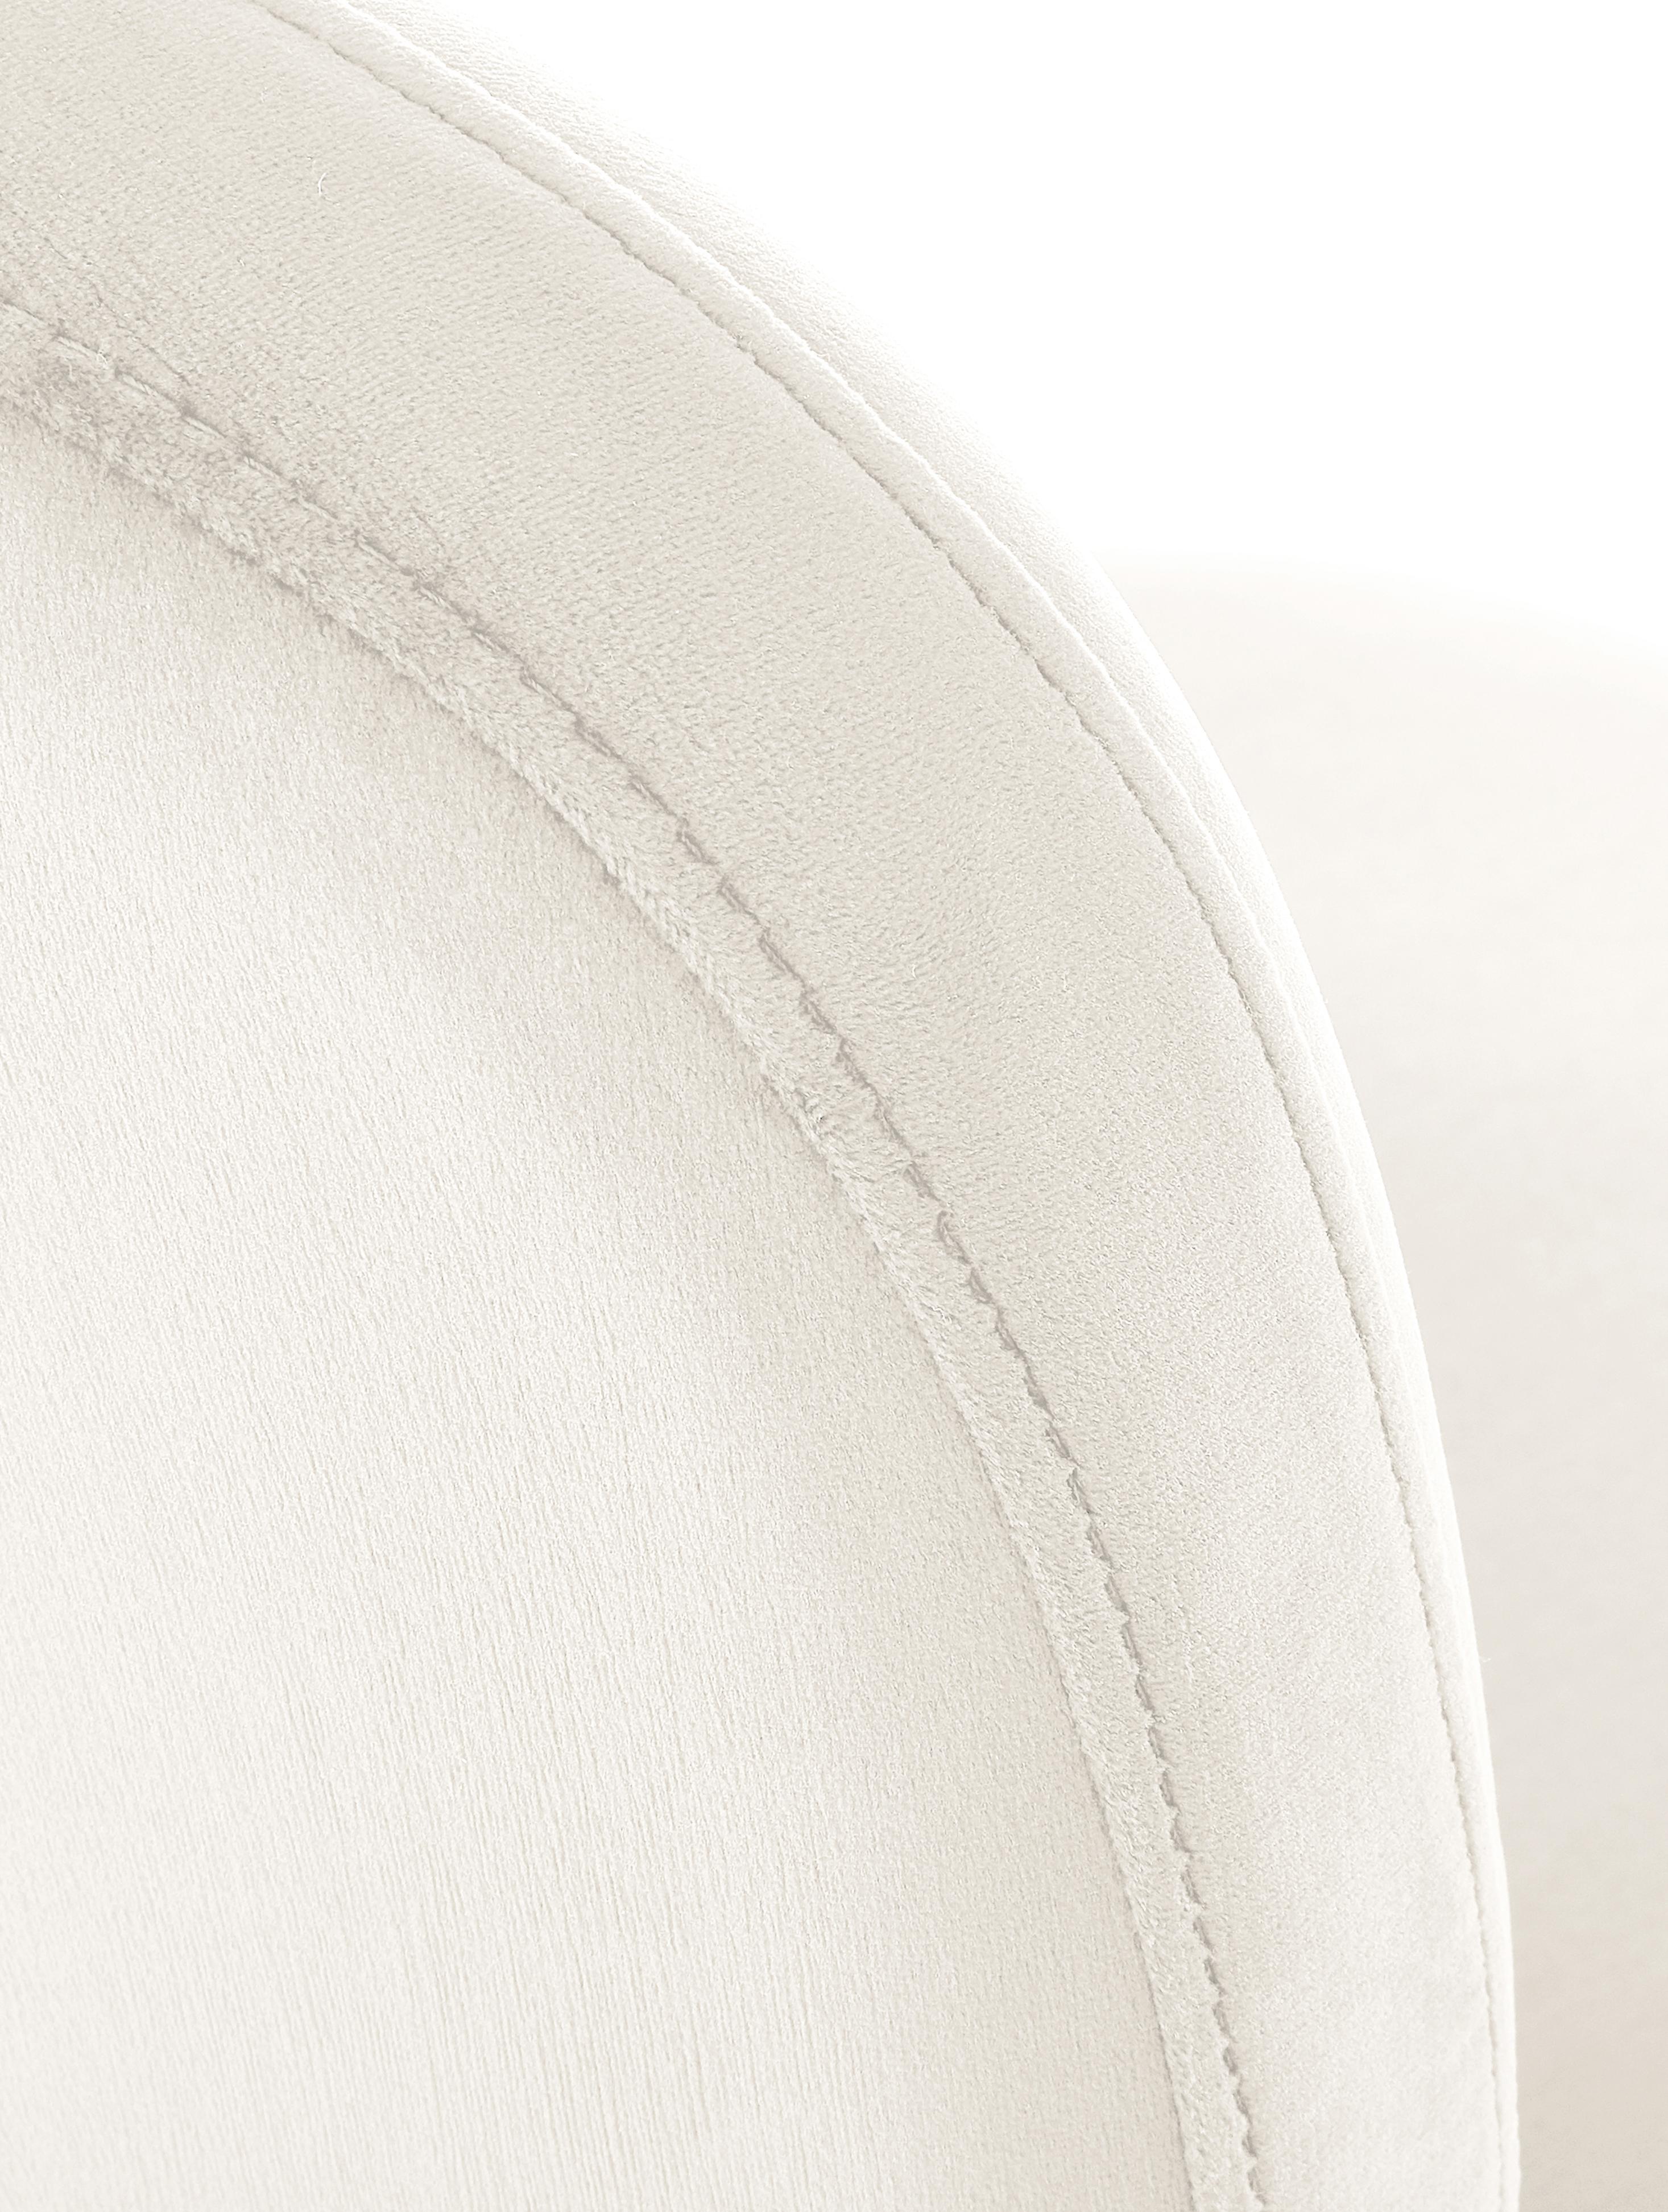 Krzesło tapicerowane z aksamitu Viggo, Tapicerka: aksamit (poliester) 50 00, Aksamitny beżowy, Nogi: złoty, S 49 x G 66 cm